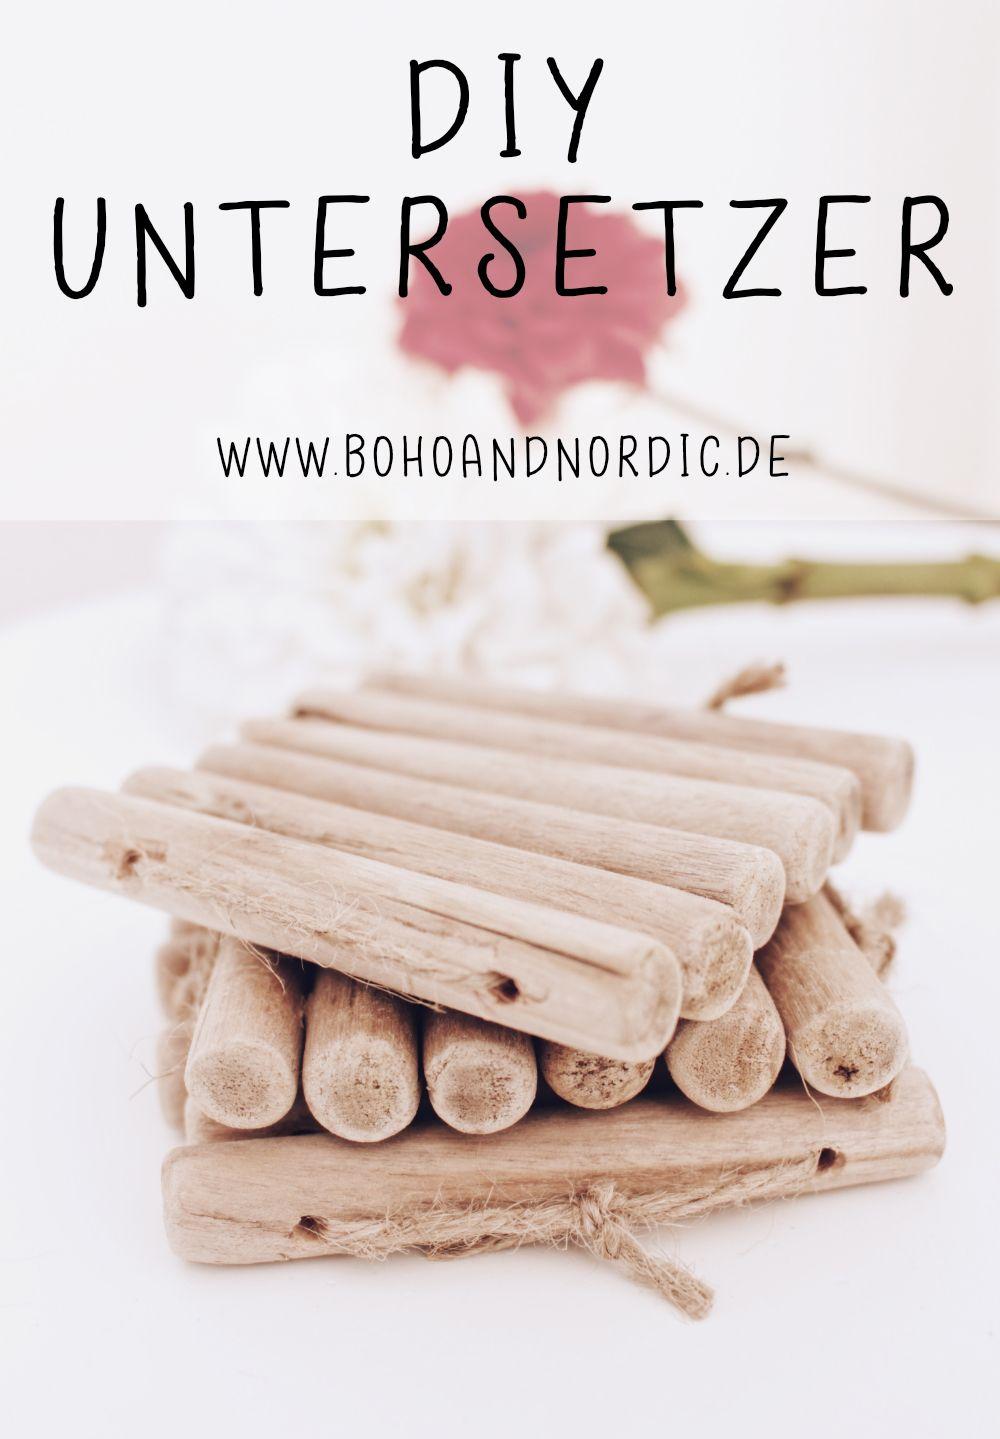 DIY Untersetzer Aus Holz Selber Machen. Bastelidee Mit Holz. Kreative Und  Einfache DIY Idee